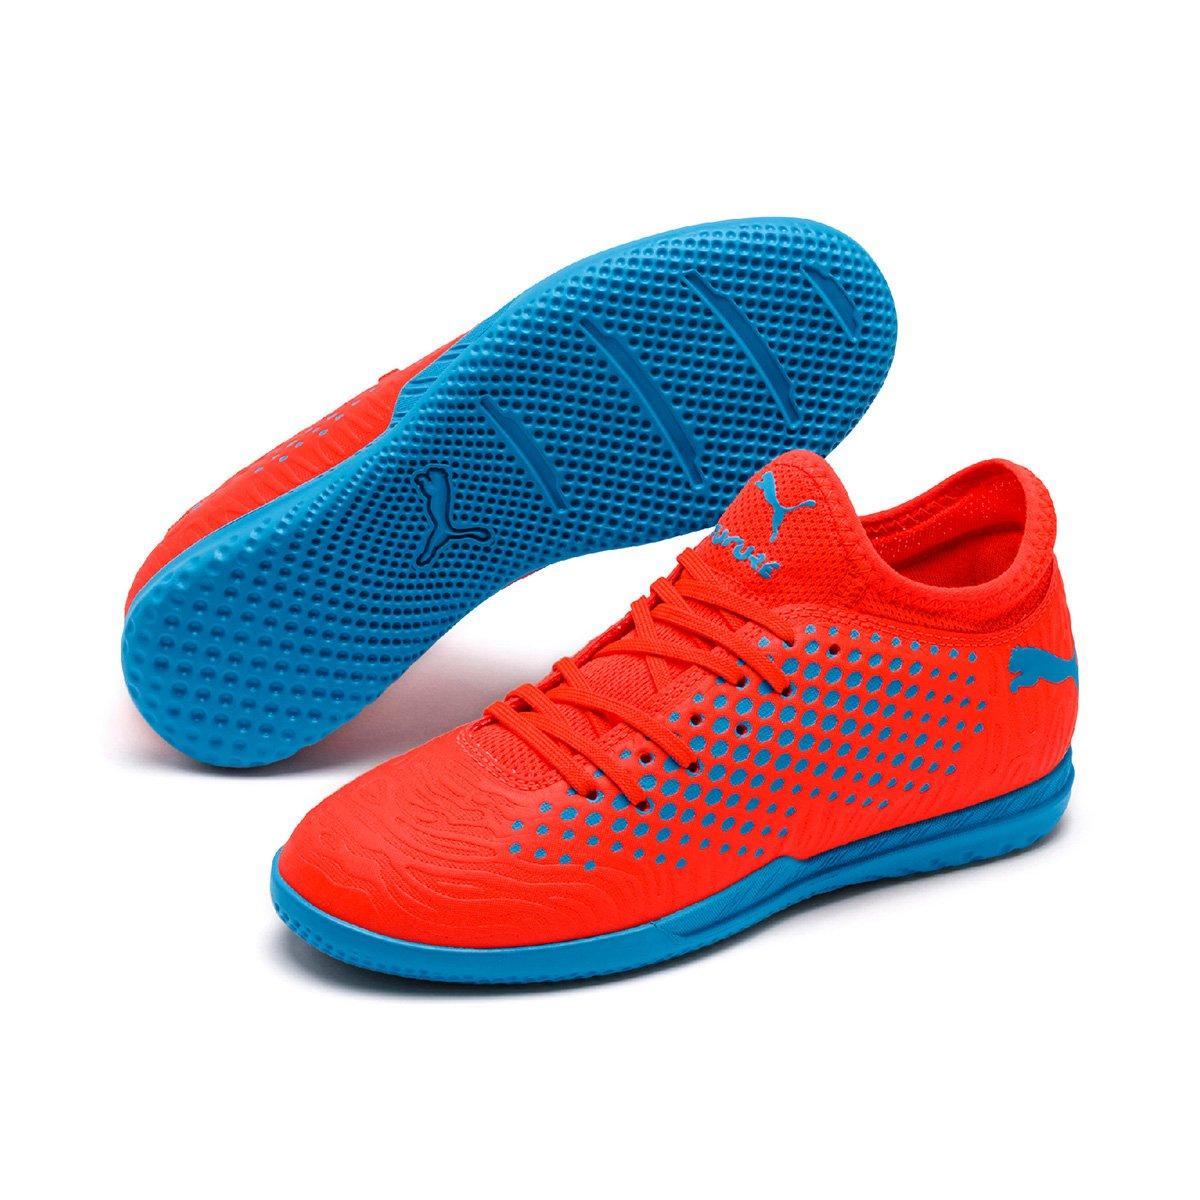 696826db663f2 Chuteira Futsal Infantil Puma Future 19.4 It